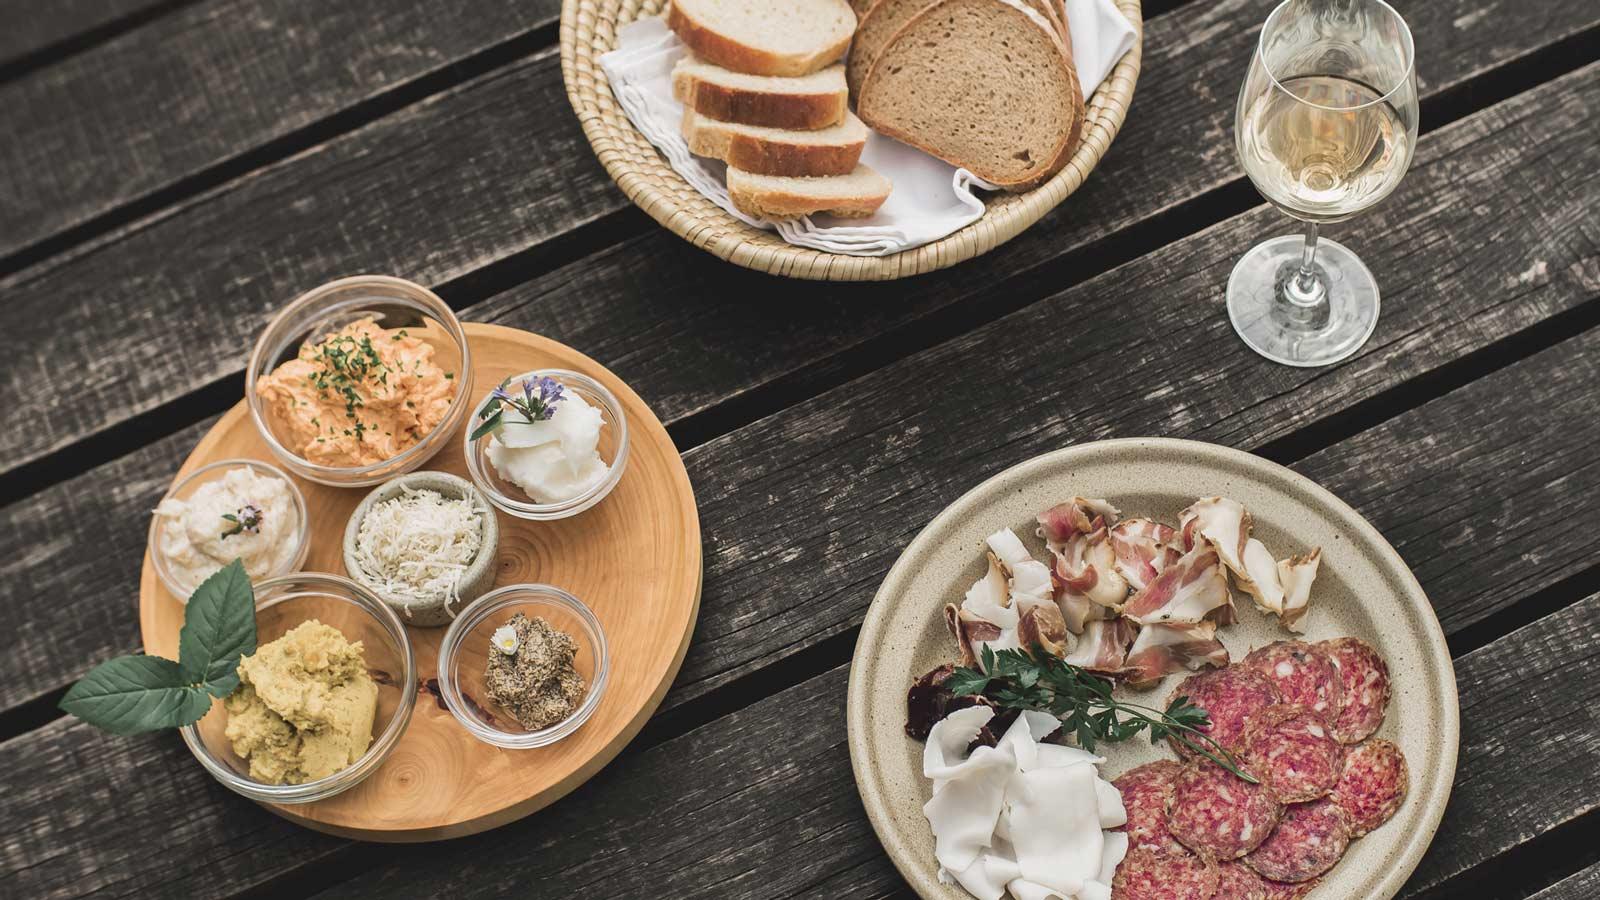 Turopoljeteller, Aufstriche, Brot und ein Glas Wein stehen auf einem Holztisch